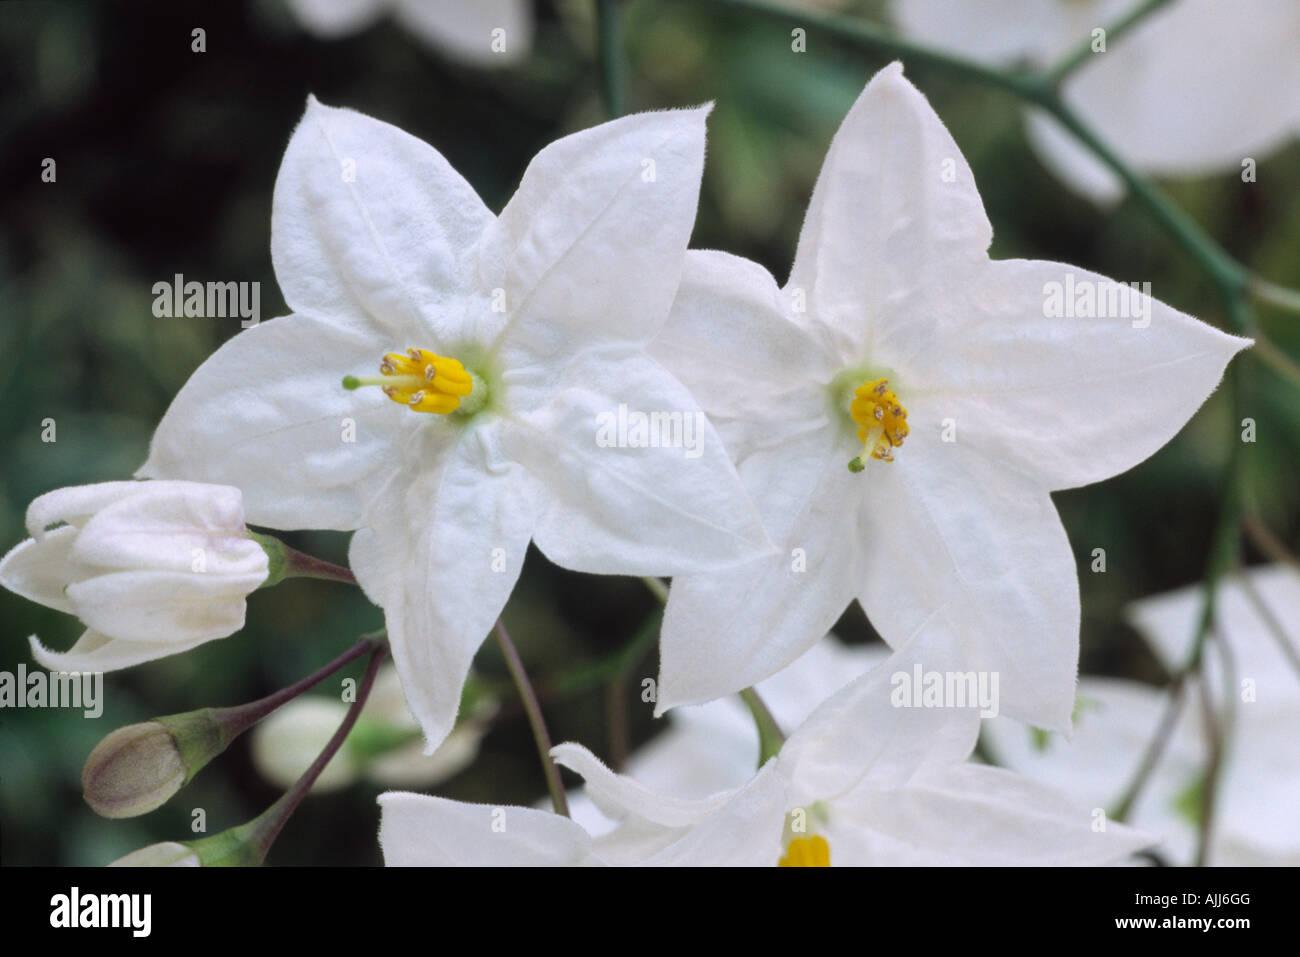 Solanum Laxum Album Agm Potato Vine Close Up Of White Flowers